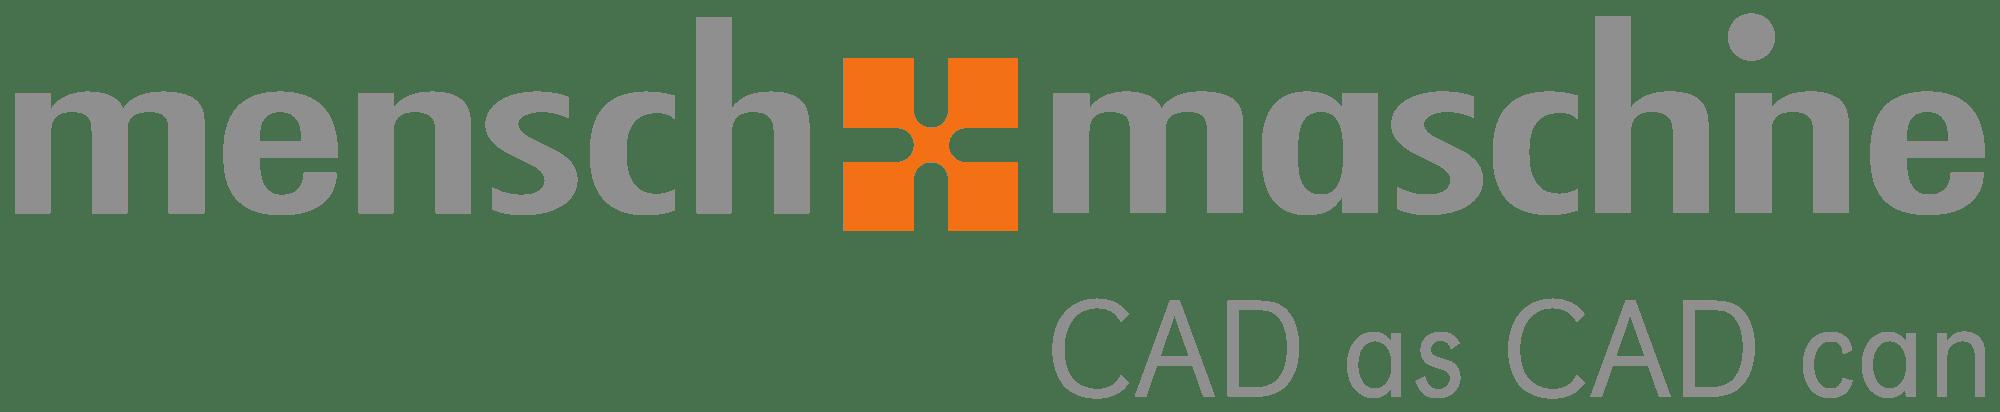 Das Mensch und Maschine Logo